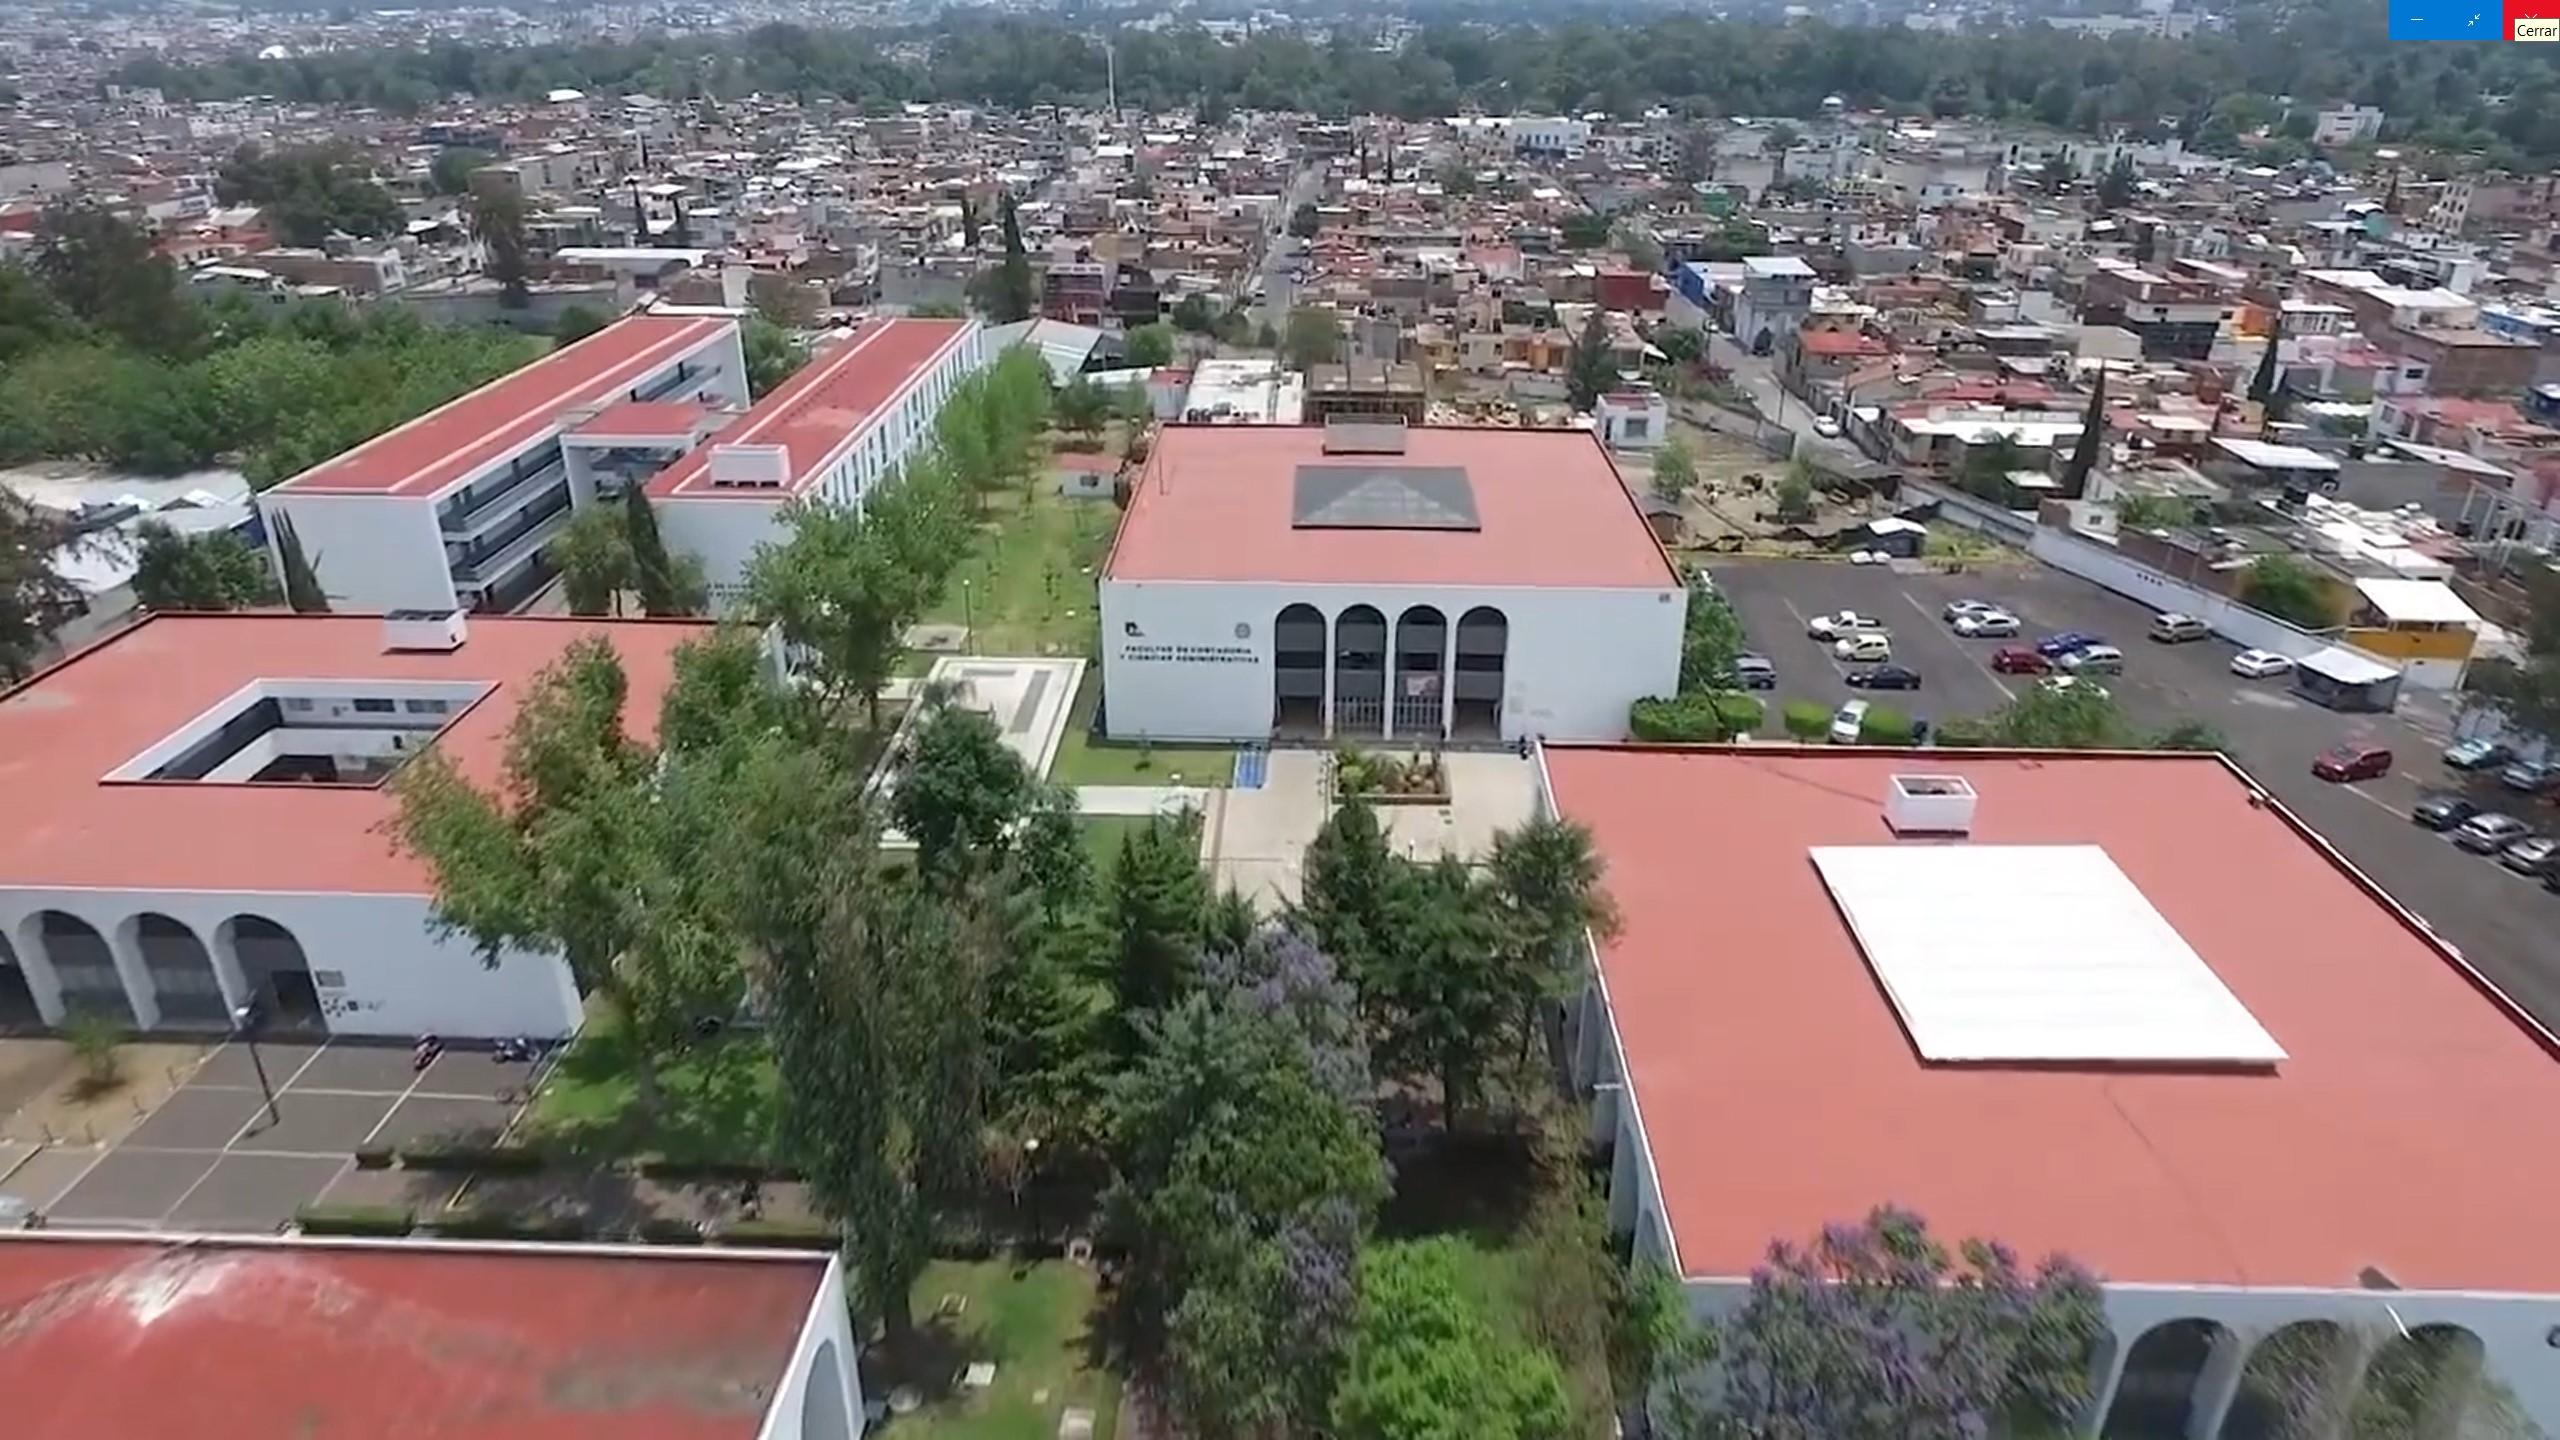 La Facultad de Contaduría y Ciencias Administrativas es la facultad de estudios con mayor número de alumnos en ciudad universitaria de la UMSNH